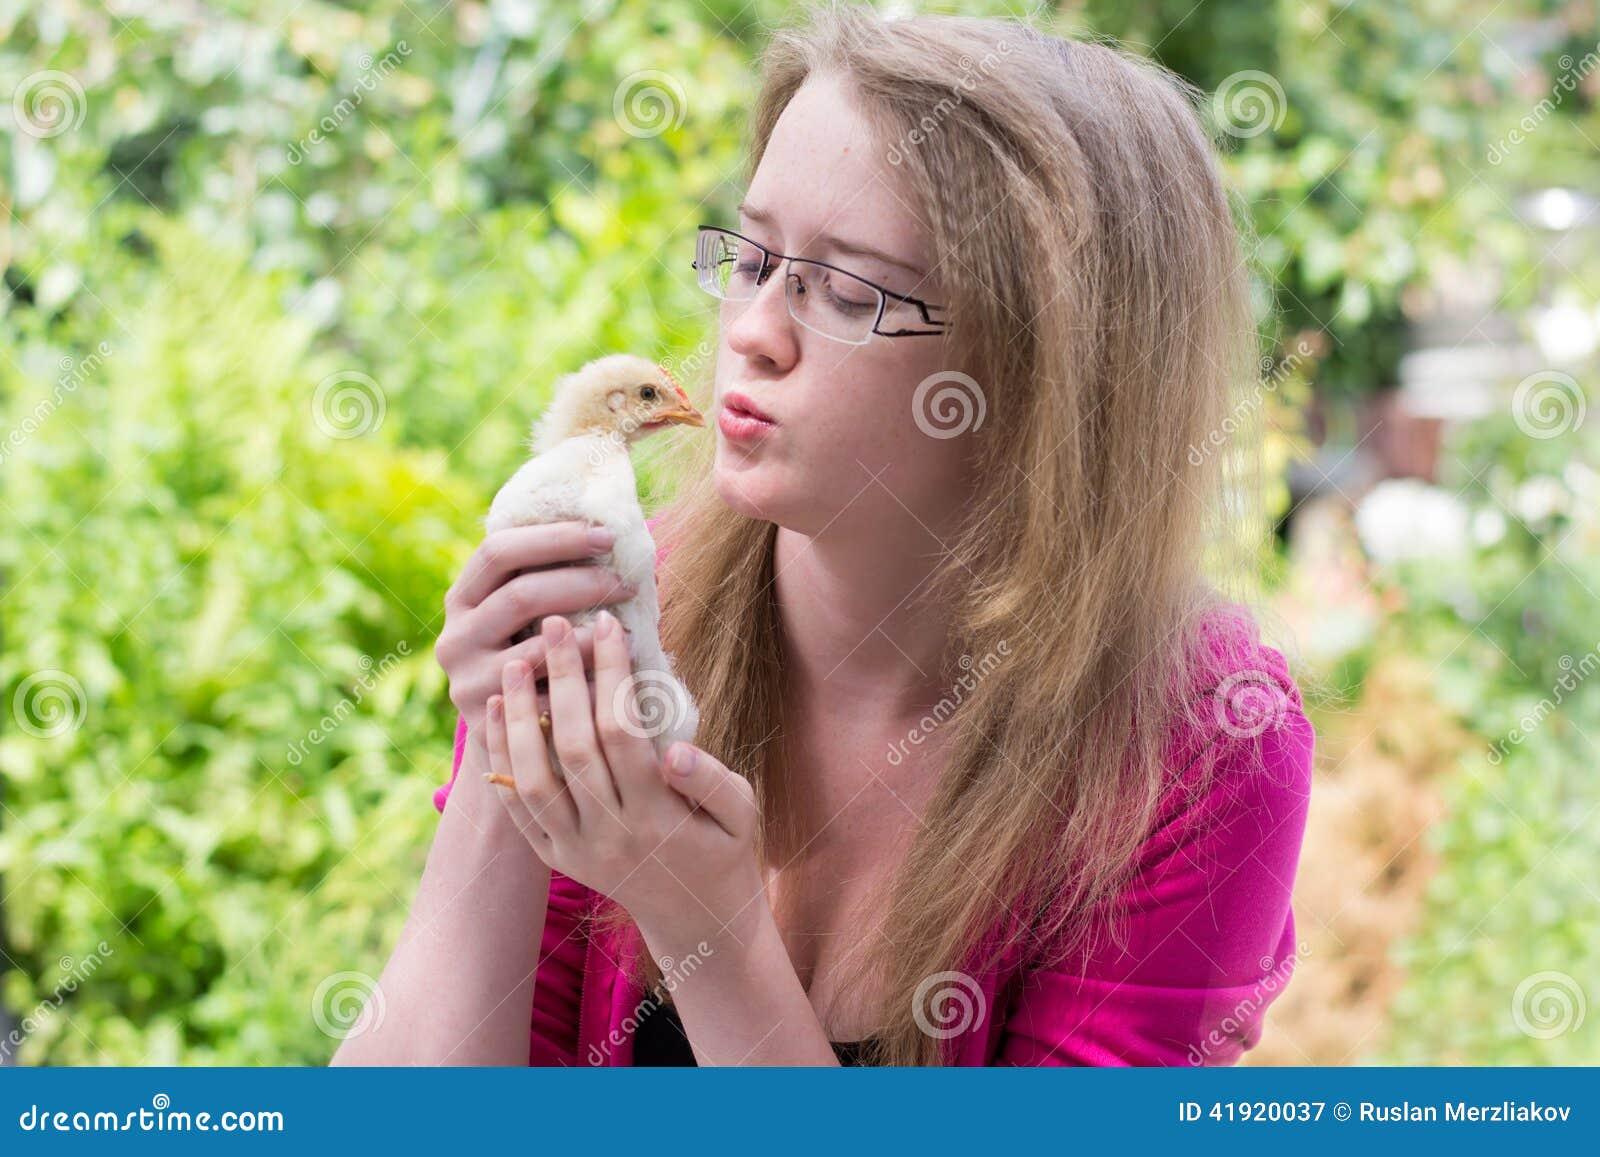 美女大人的小鸡_有一只小鸡的女孩在他的手上.